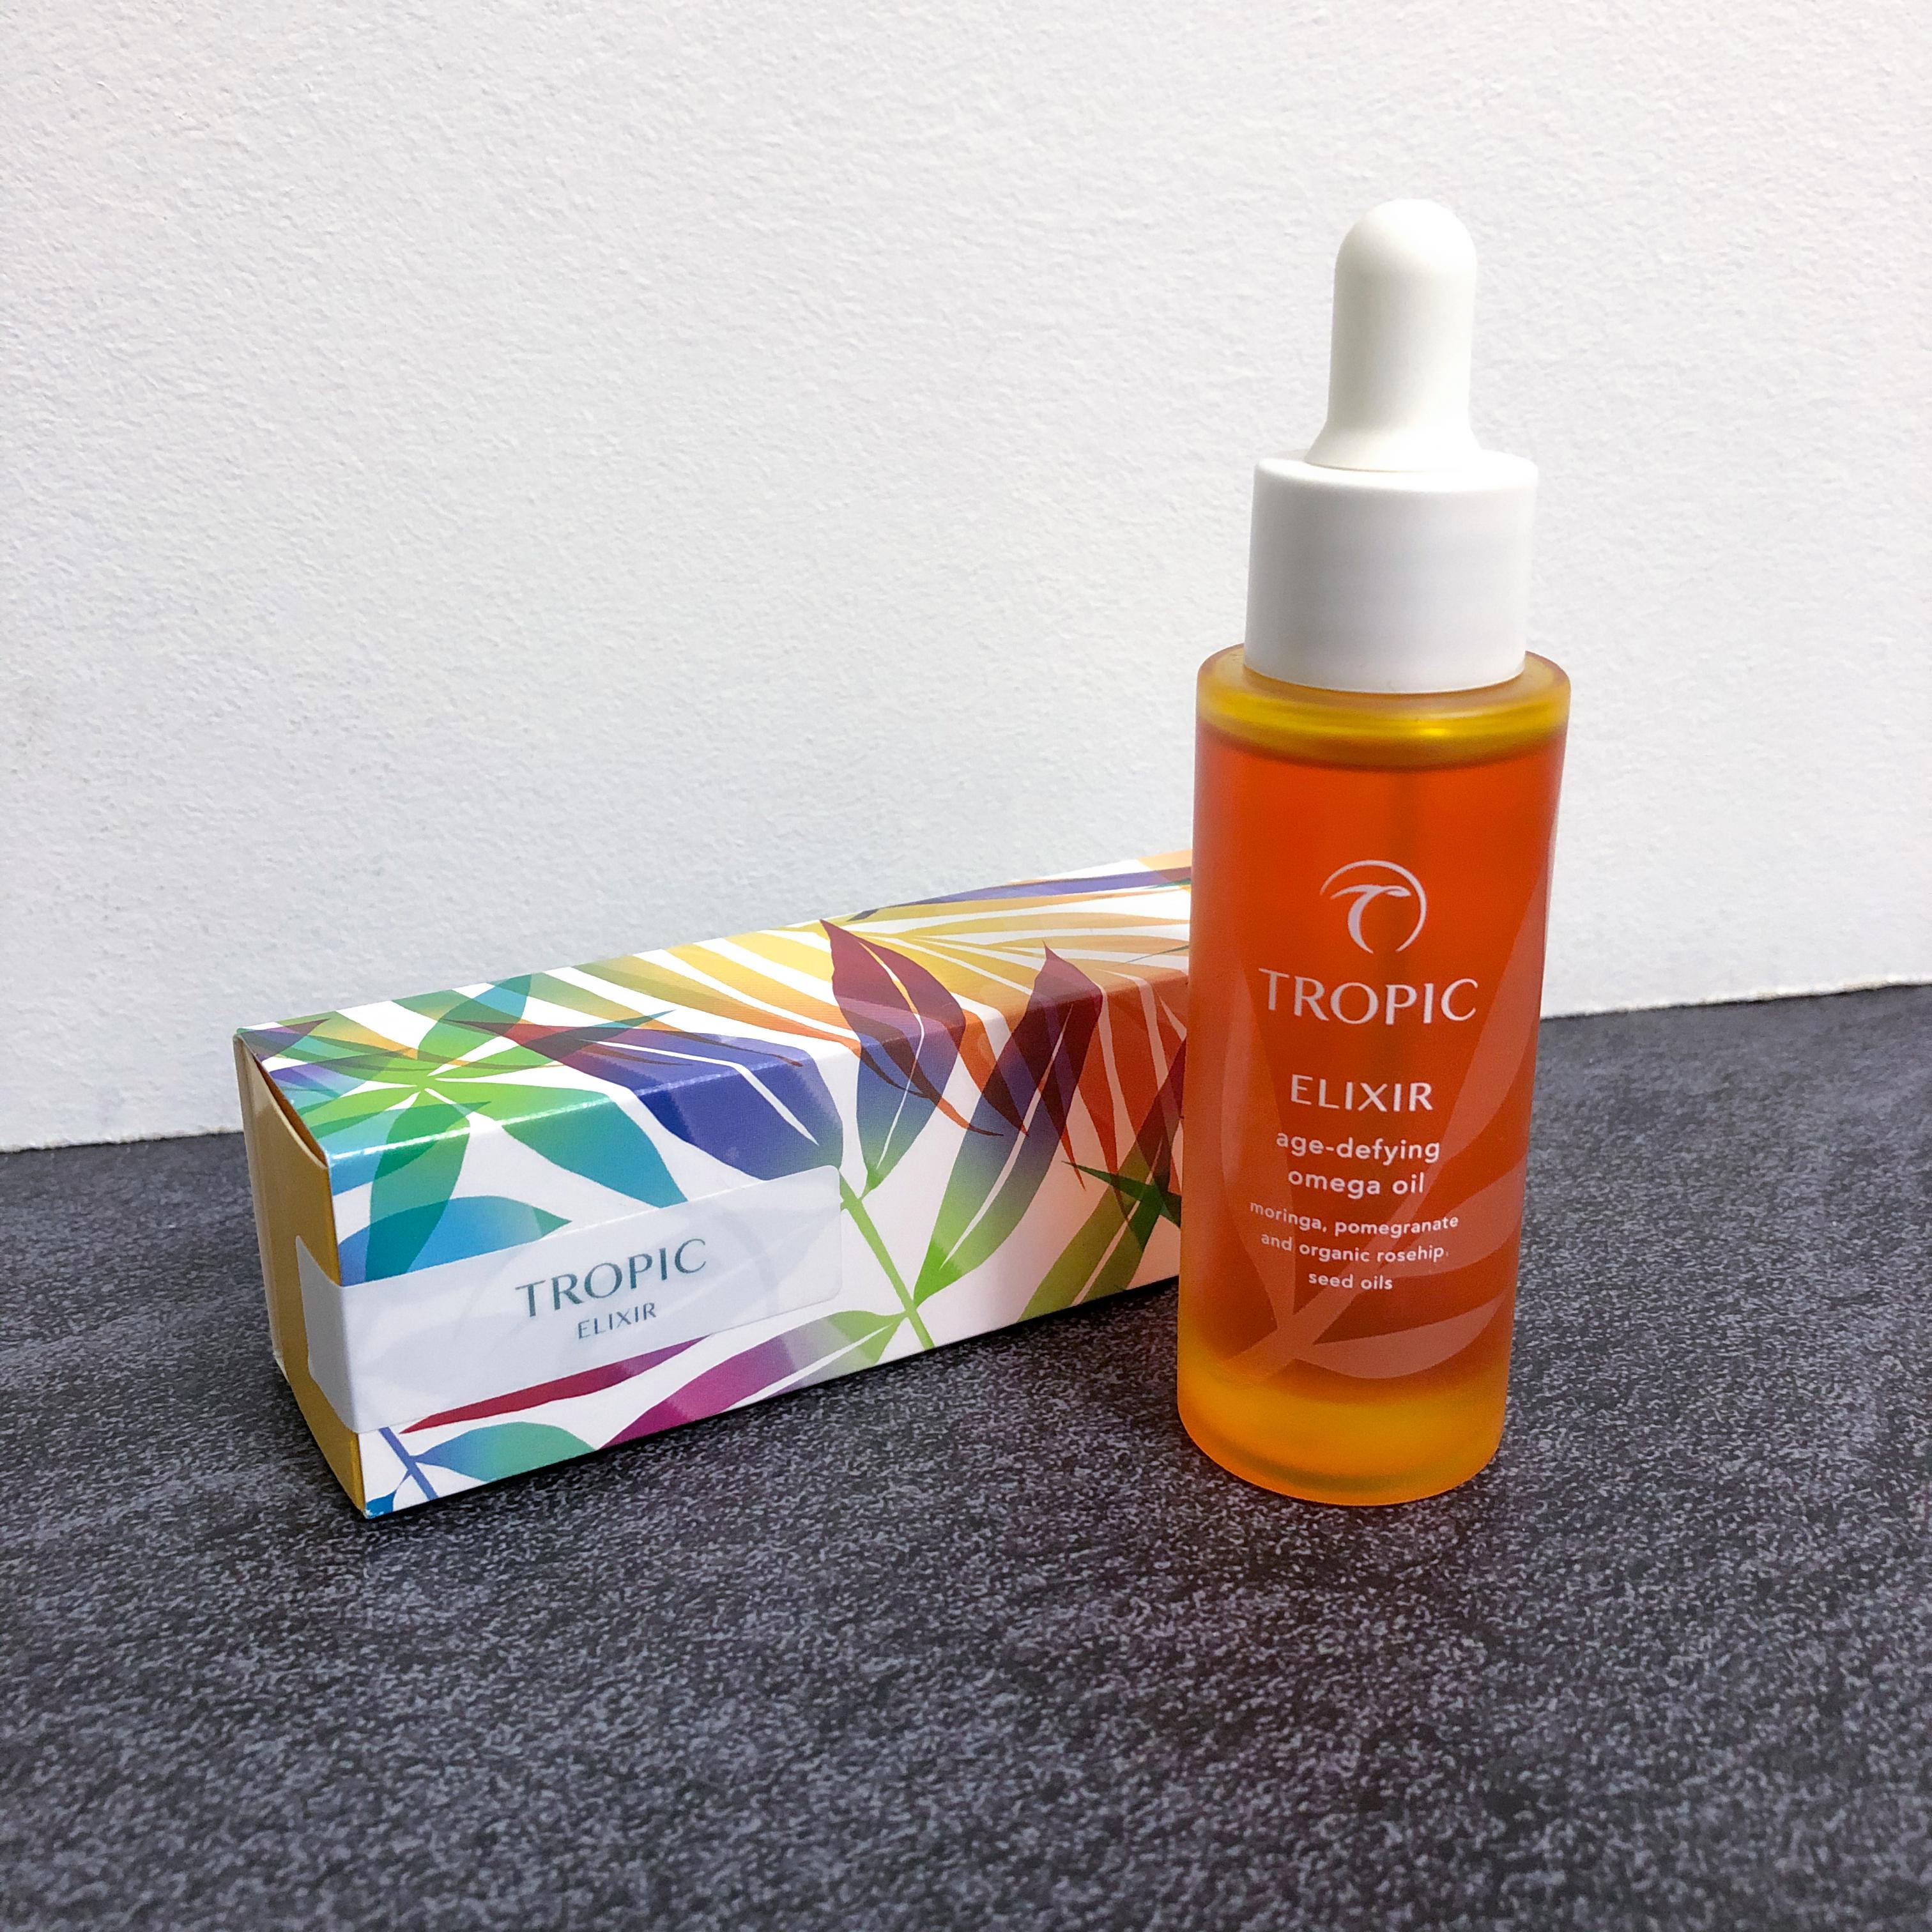 tropic skincare elixir oil